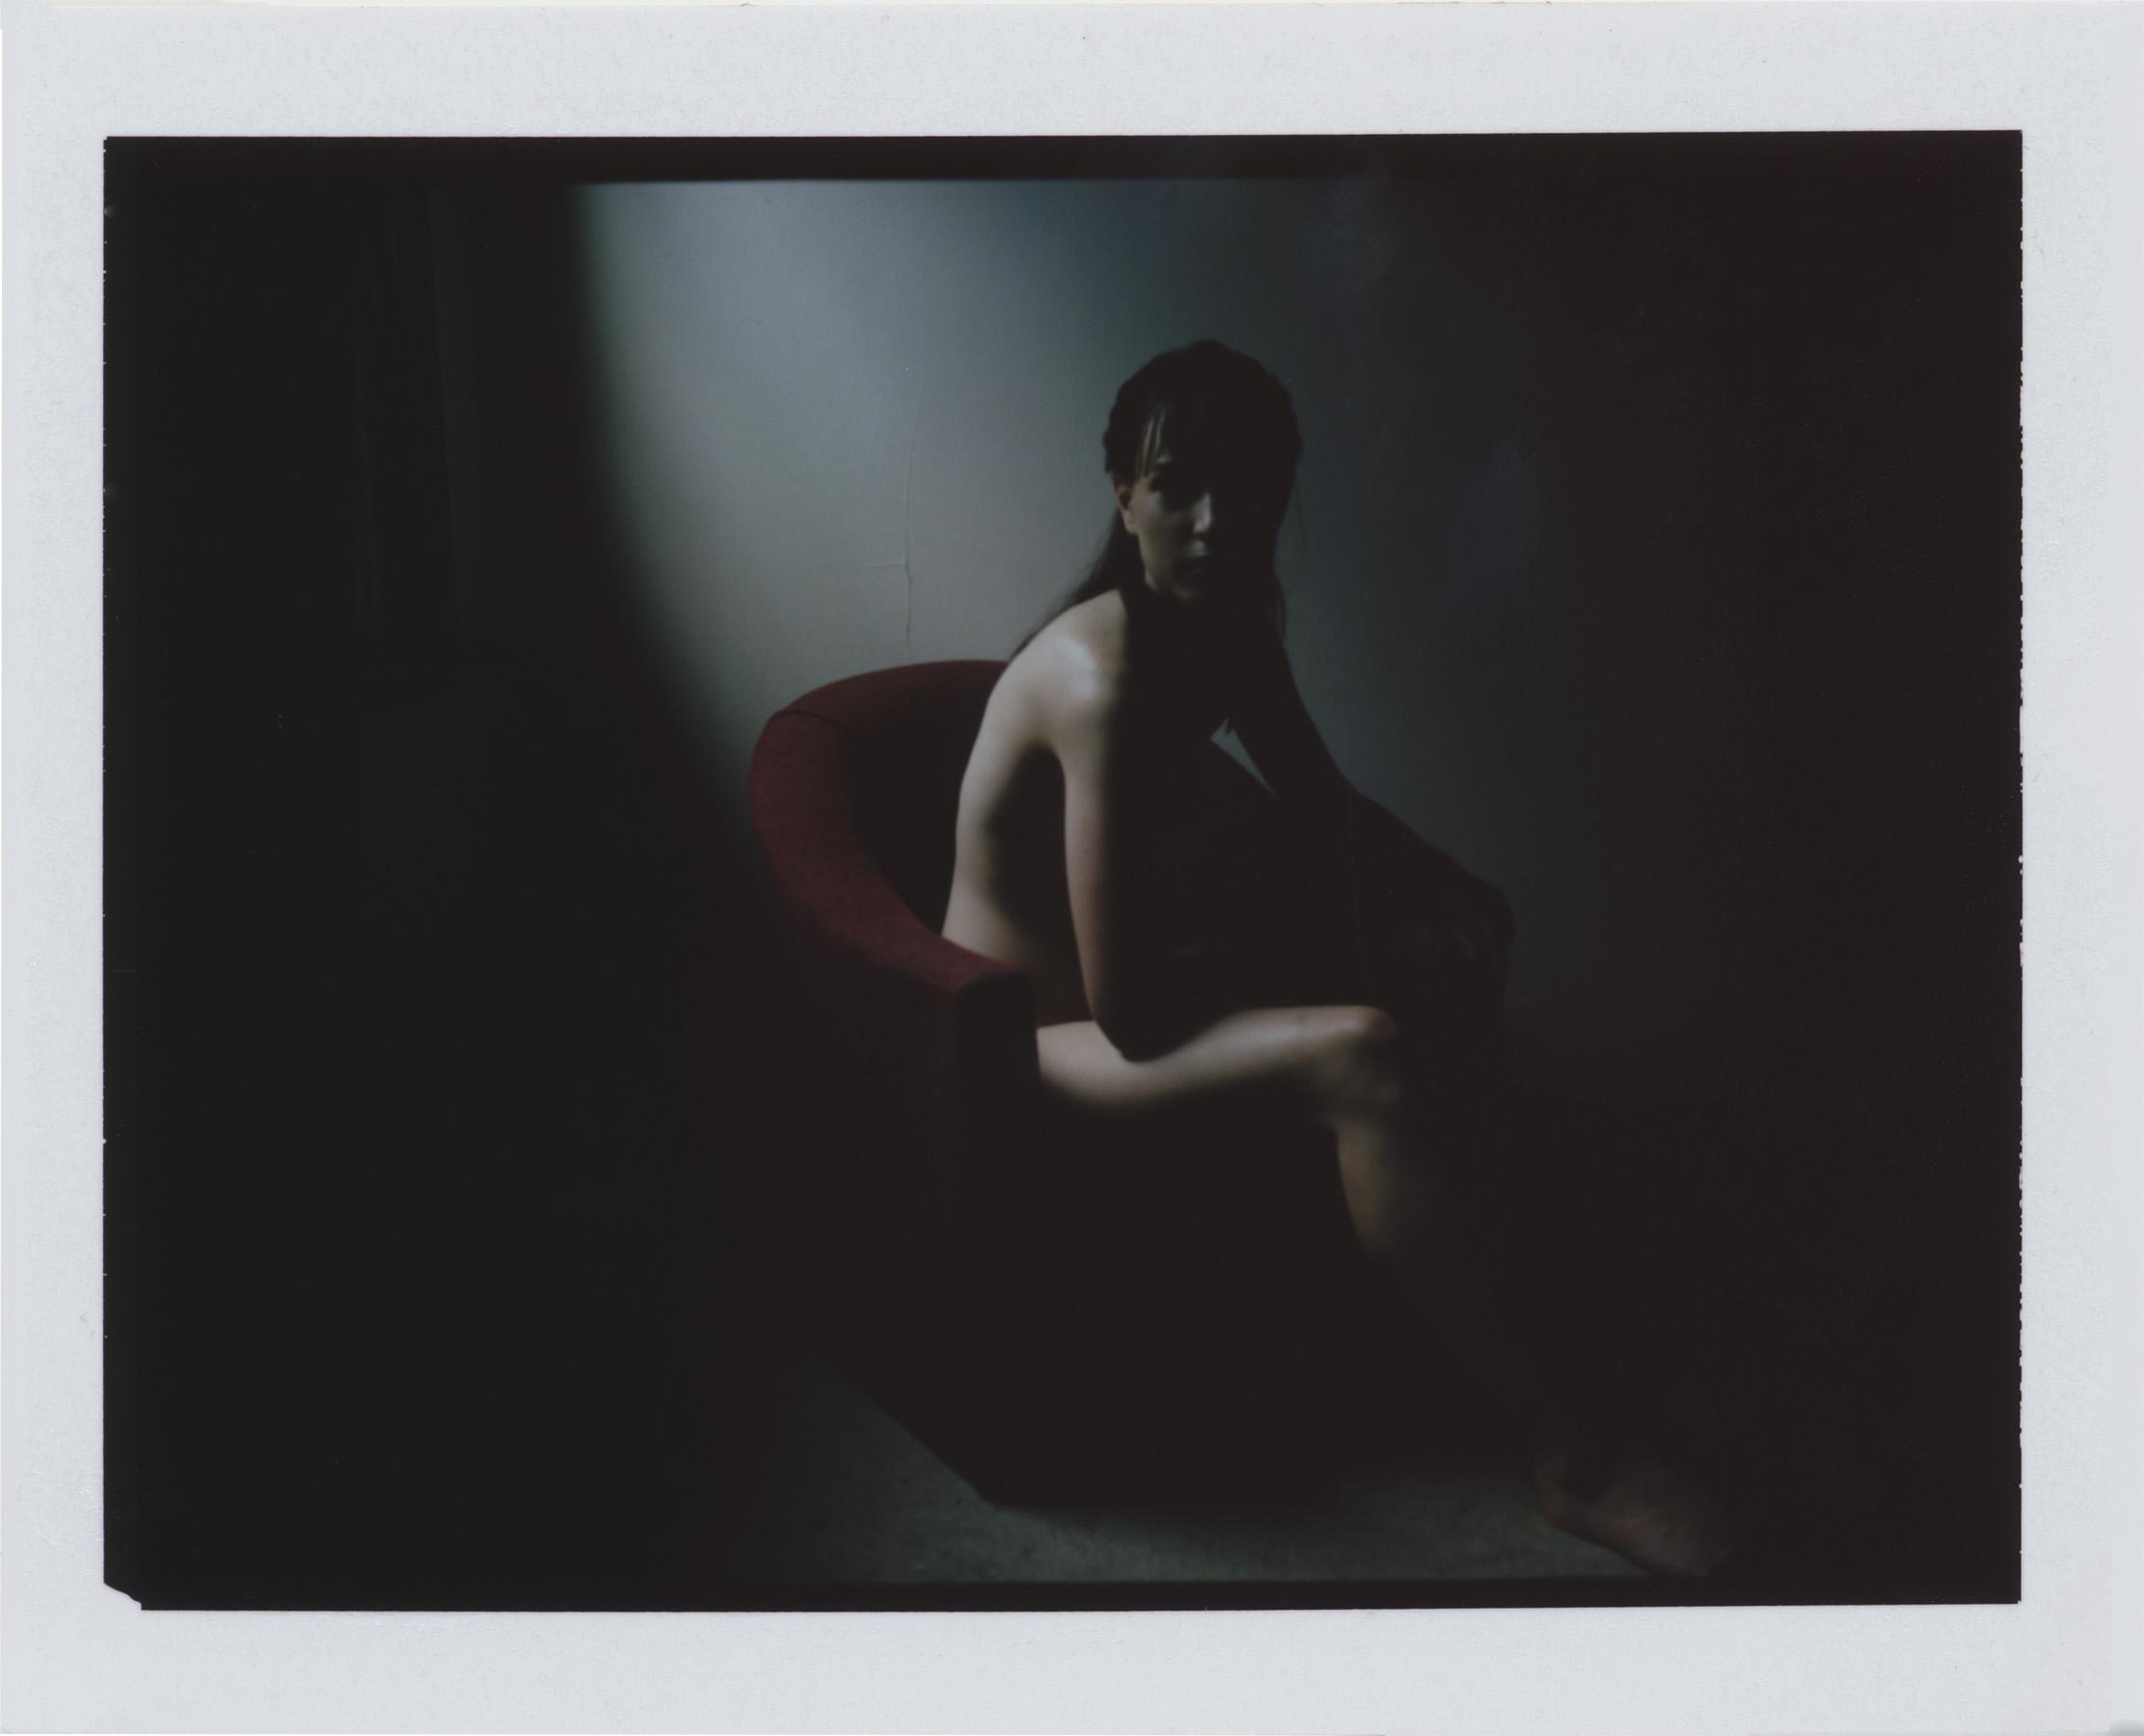 Lucinda_Polaroid_02.jpg